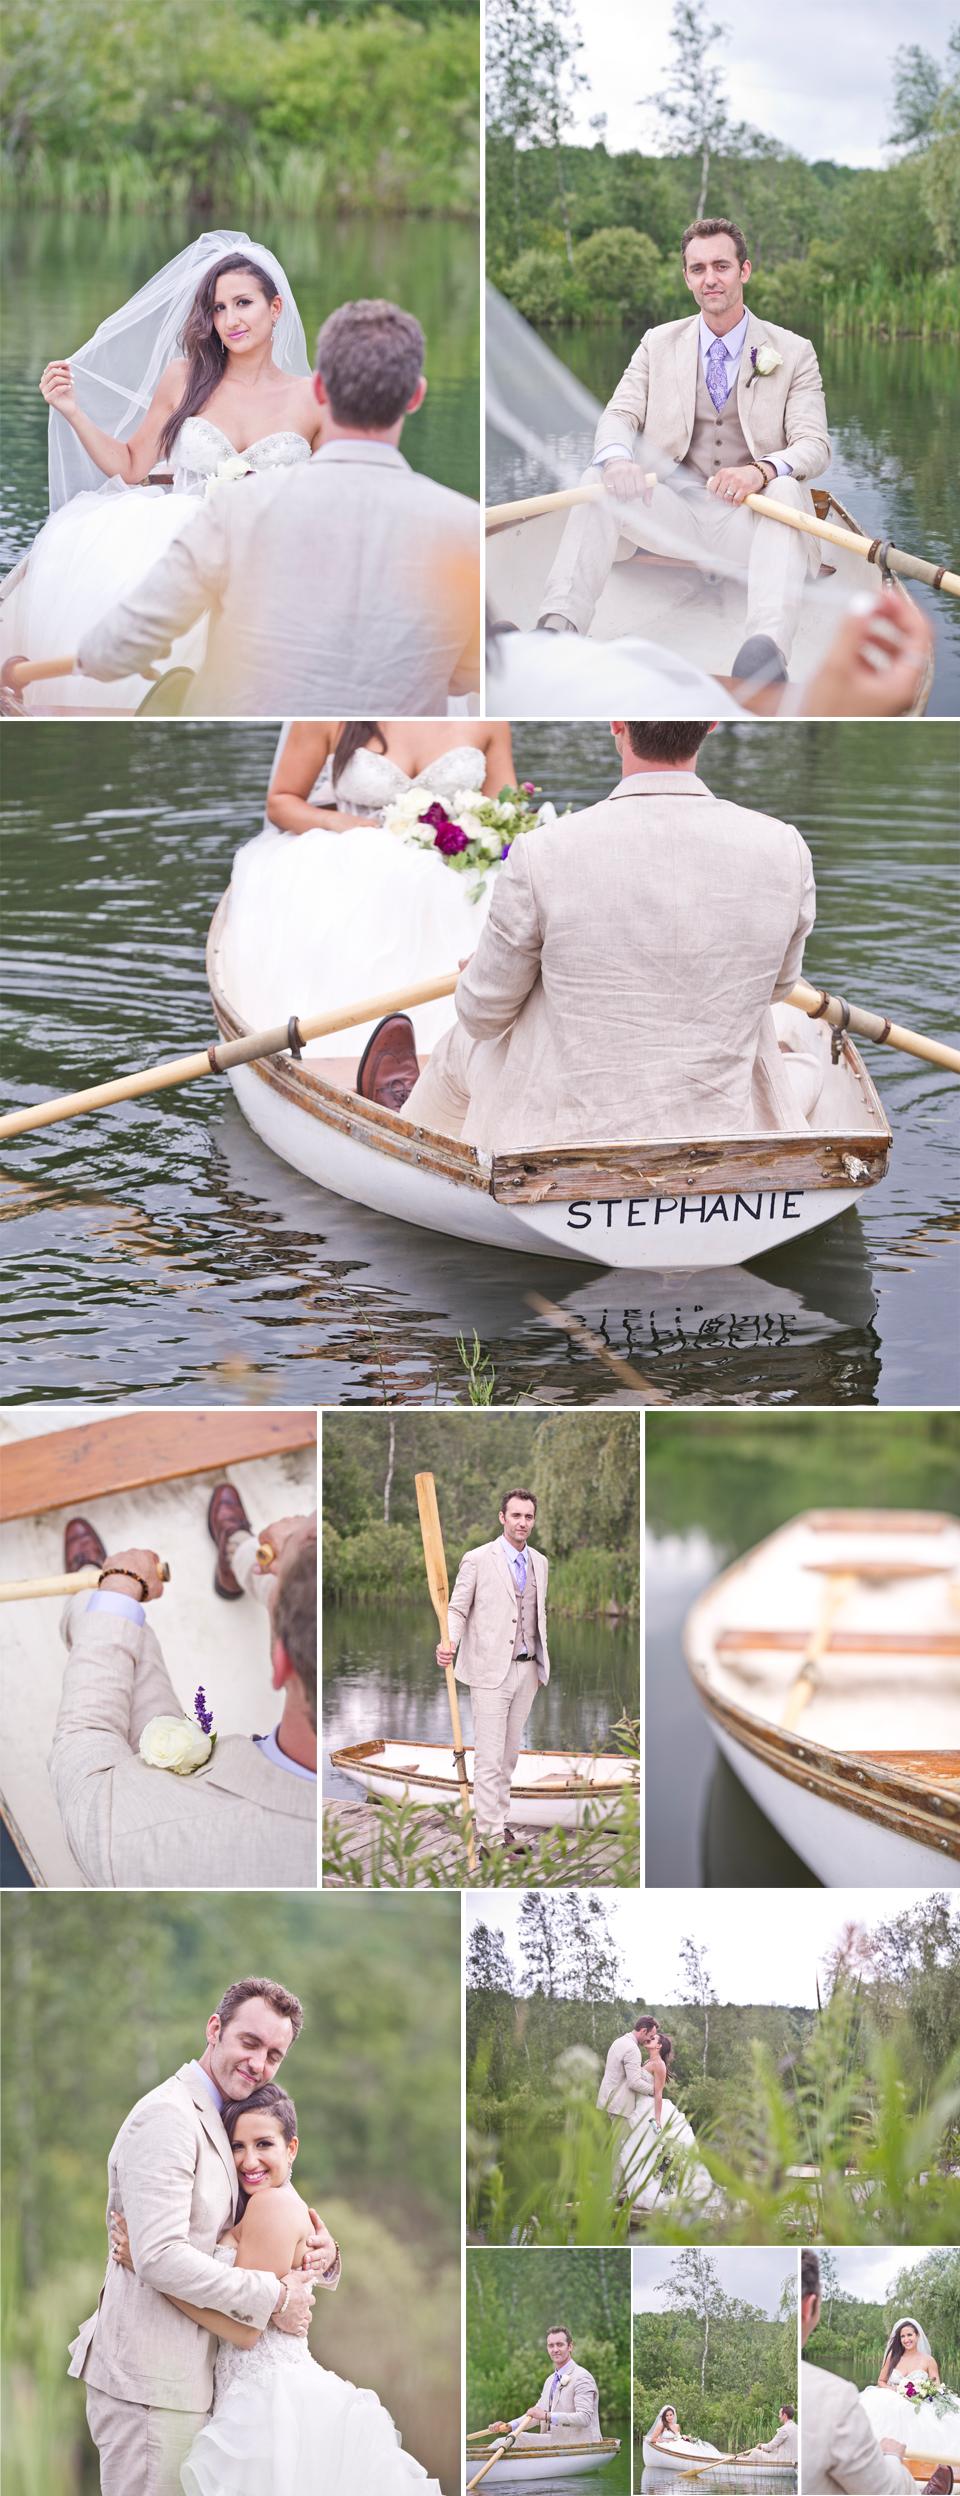 Montreal Wedding Photographer | Joie de Lavande | Knowlton | Lac Brome Quebec | LMP Wedding Photography & Videography